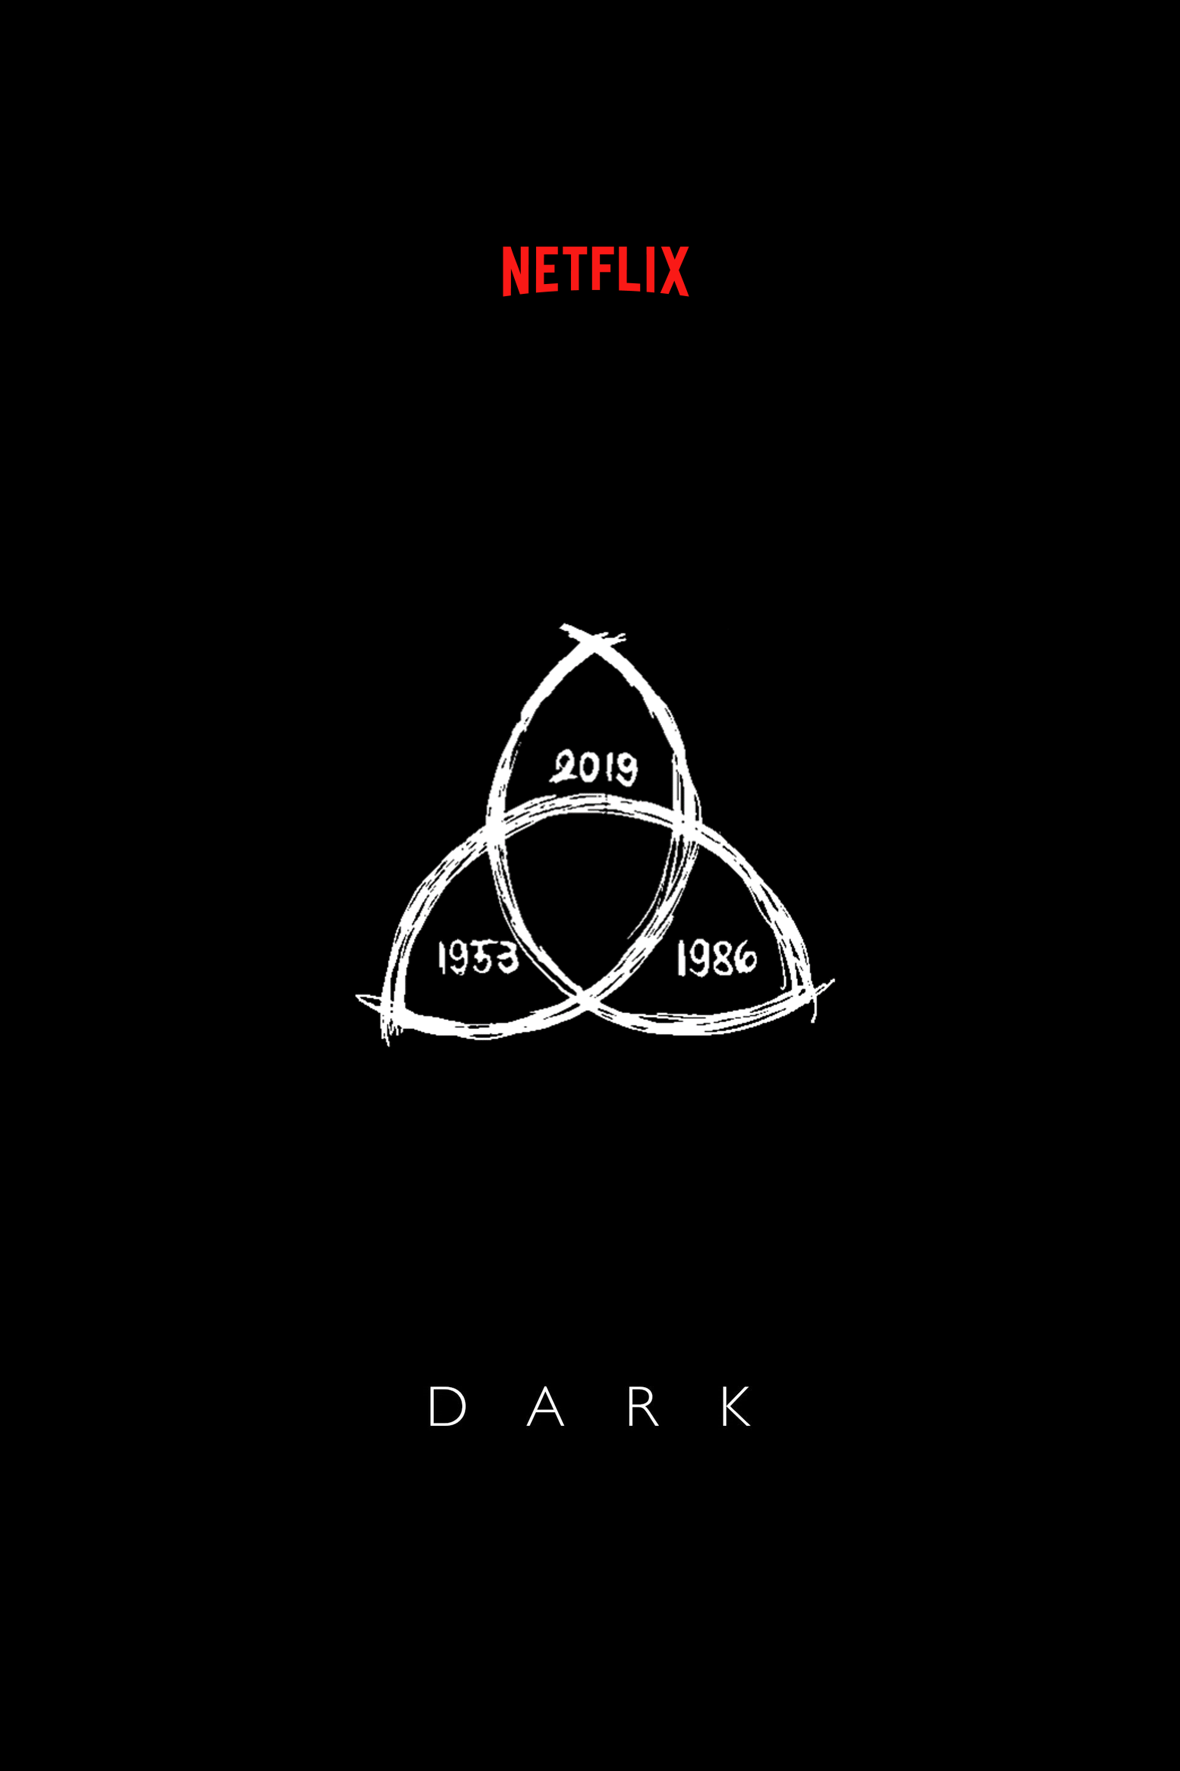 Dark Serie Netflix Minimalist Poster Netflix Dark Wallpaper